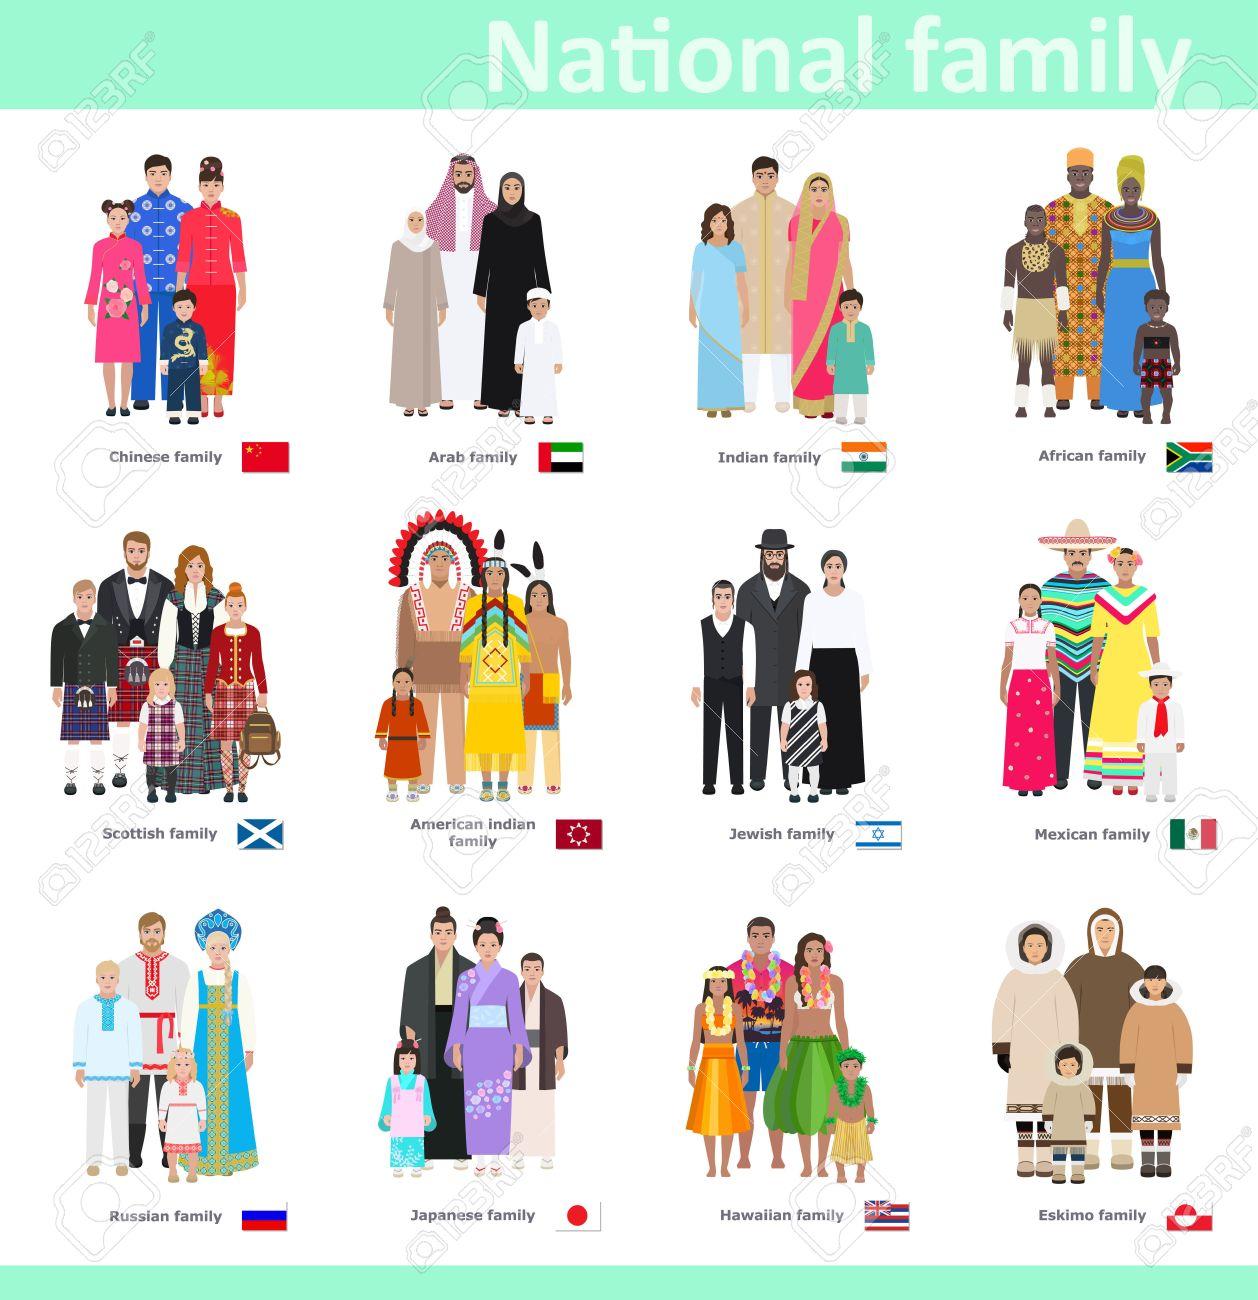 さまざまな国民族衣装で家族ベクトル イラストのイラスト素材ベクタ